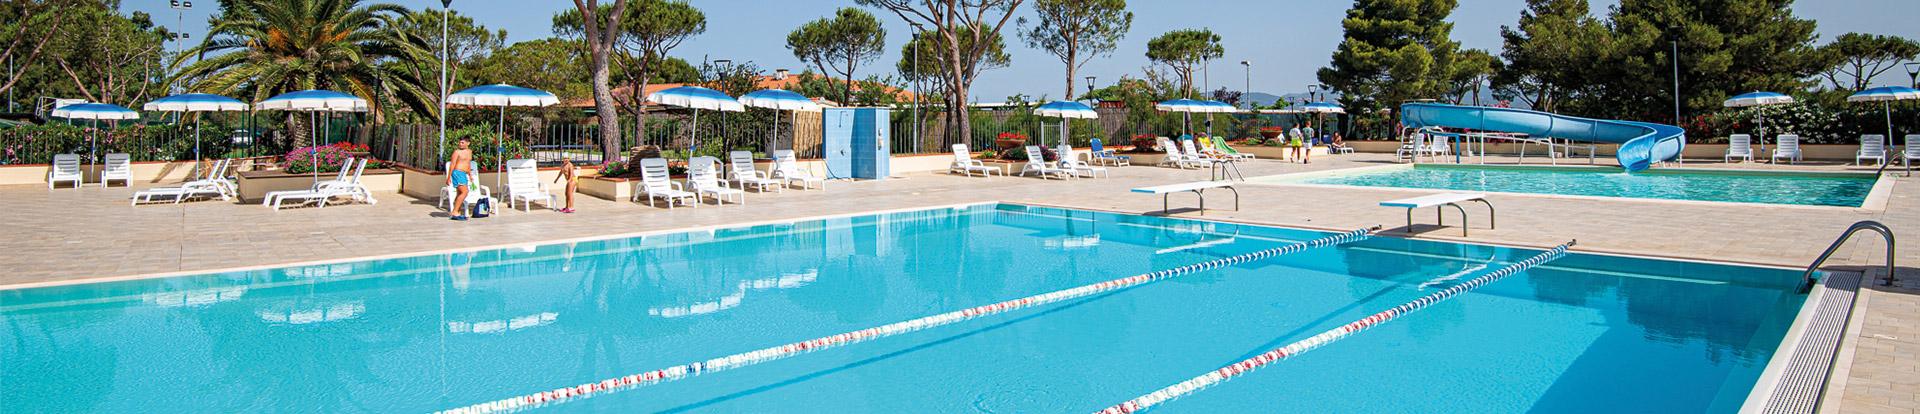 villaggio-toscana-con-piscina